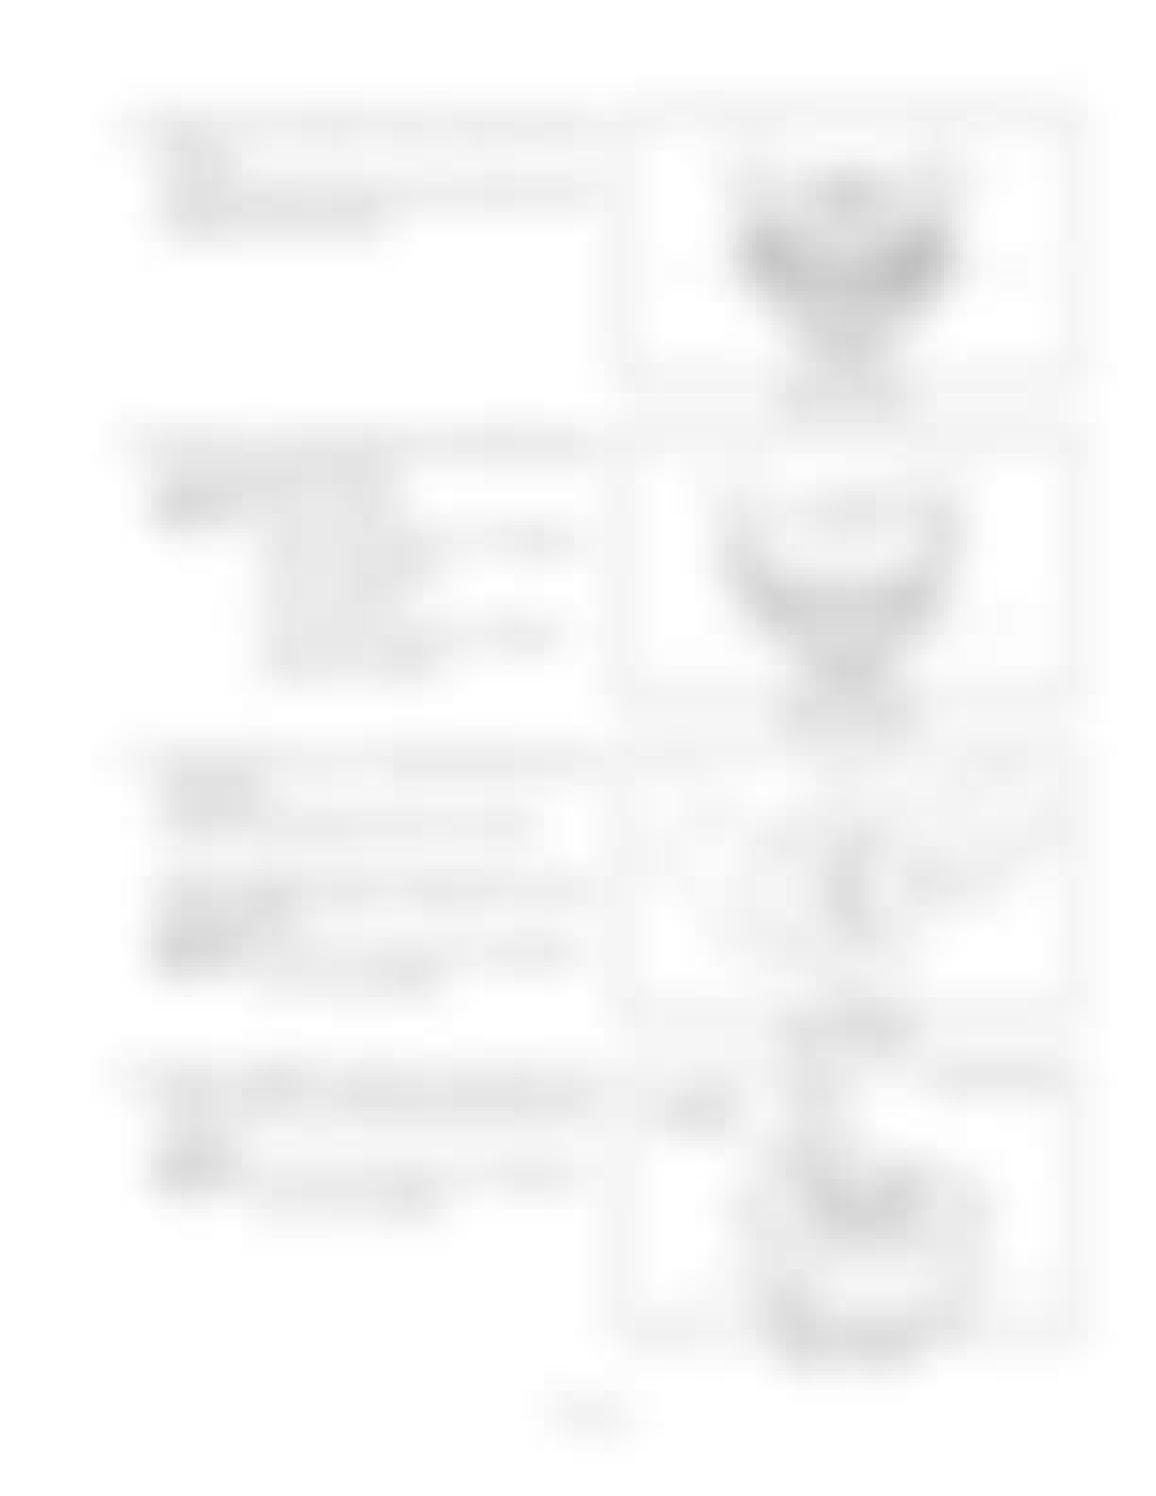 Hitachi LX110-7 LX130-7 LX160-7 LX190-7 LX230-7 Wheel Loader Workshop Manual - PDF DOWNLOAD page 61